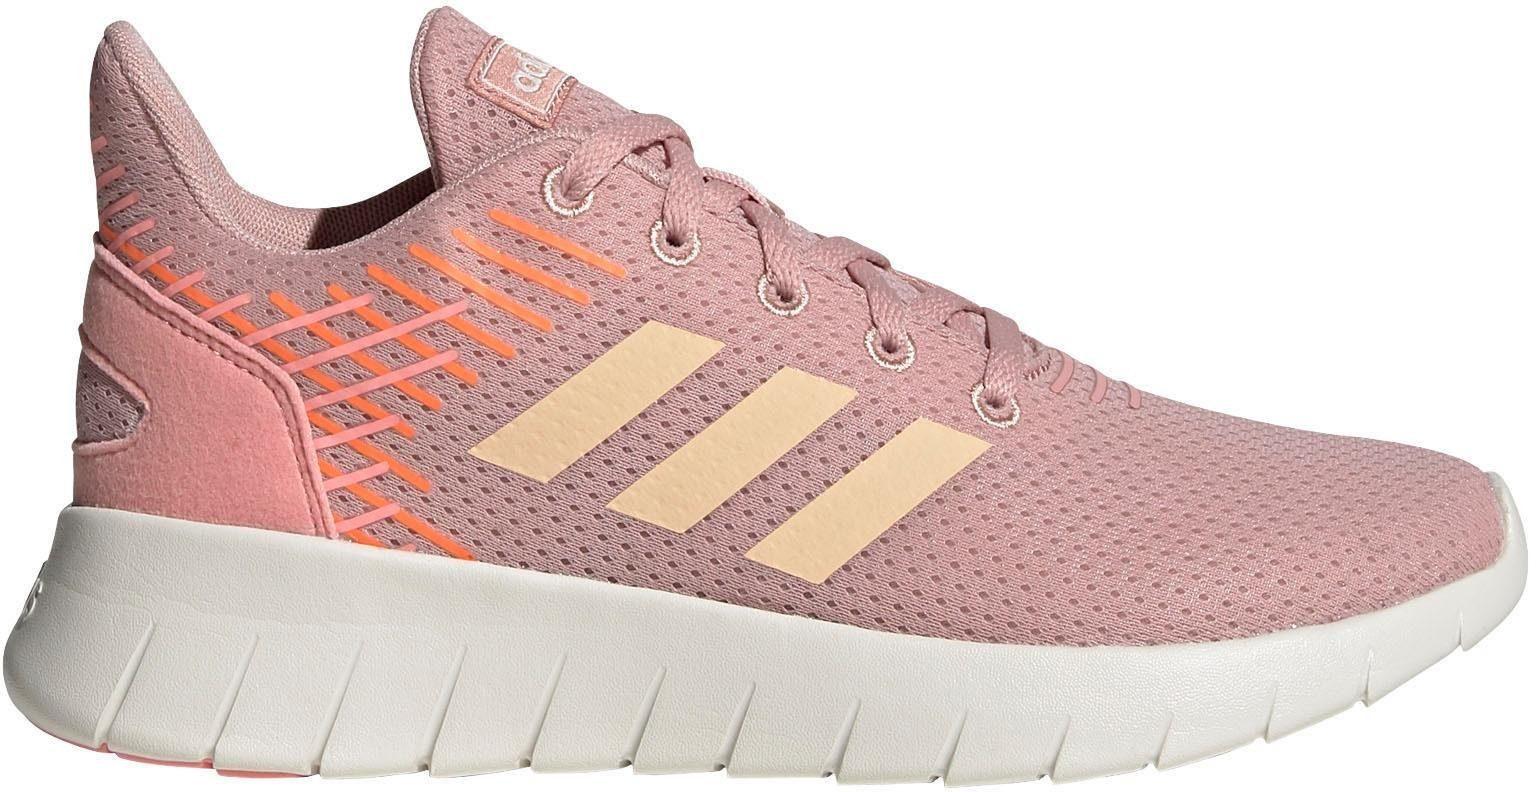 Adidas Sneakers Asweerun Online Shop - Geweldige Prijs